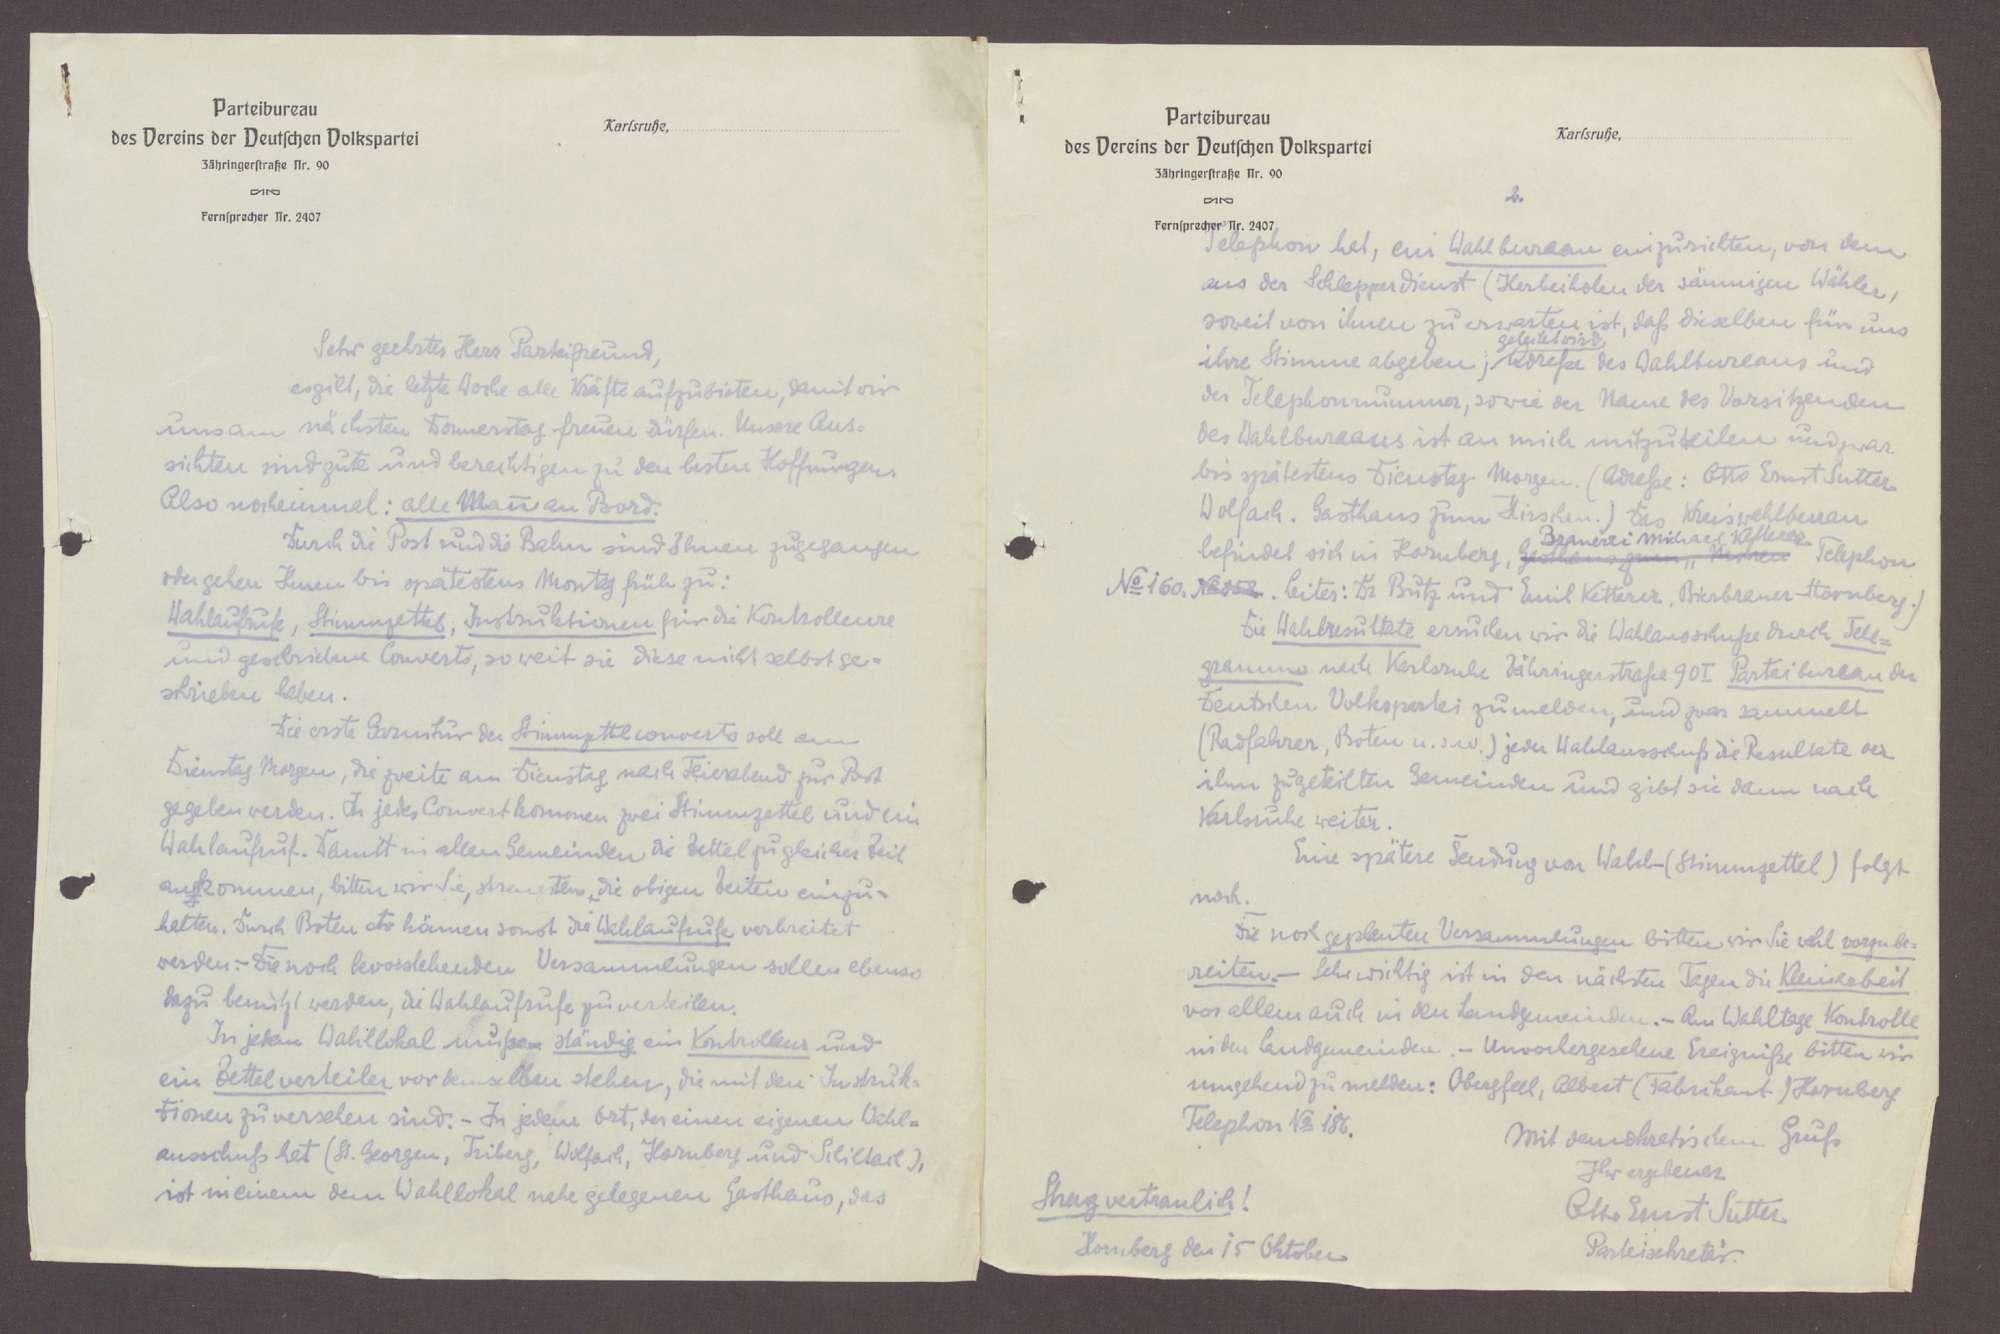 Schreiben von Otto Ernst Sutter, Parteisekretär der DVP, Hornberg, an einen unbekannten Parteifreund: Ablauf der Landtagswahl und Mobilisierung der letzten Kräfte für den Wahlkampf, 1 Schreiben, Bild 1